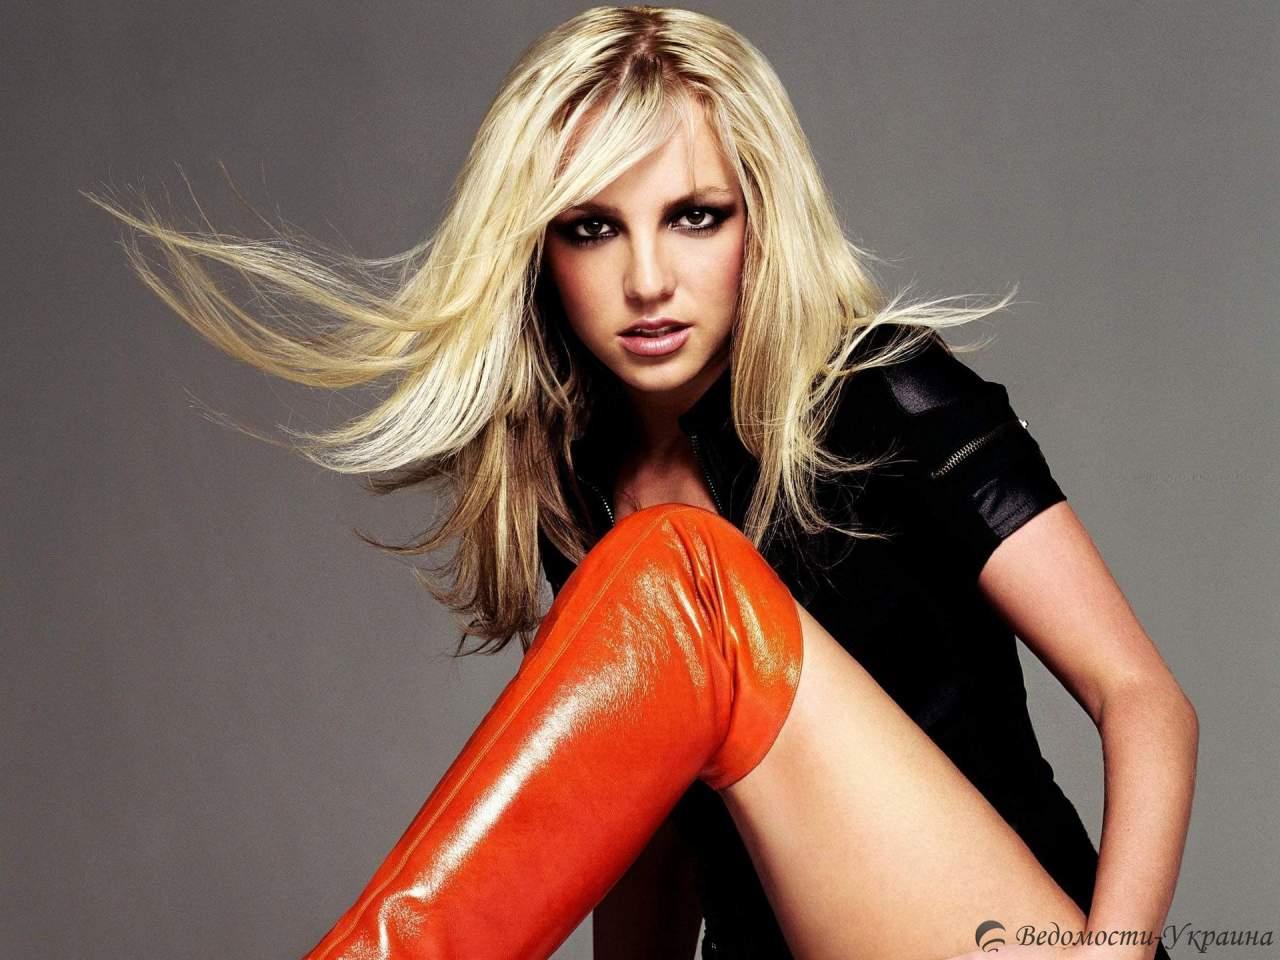 Концертные костюмы Britney Spears продают на eBay за миллион долларов